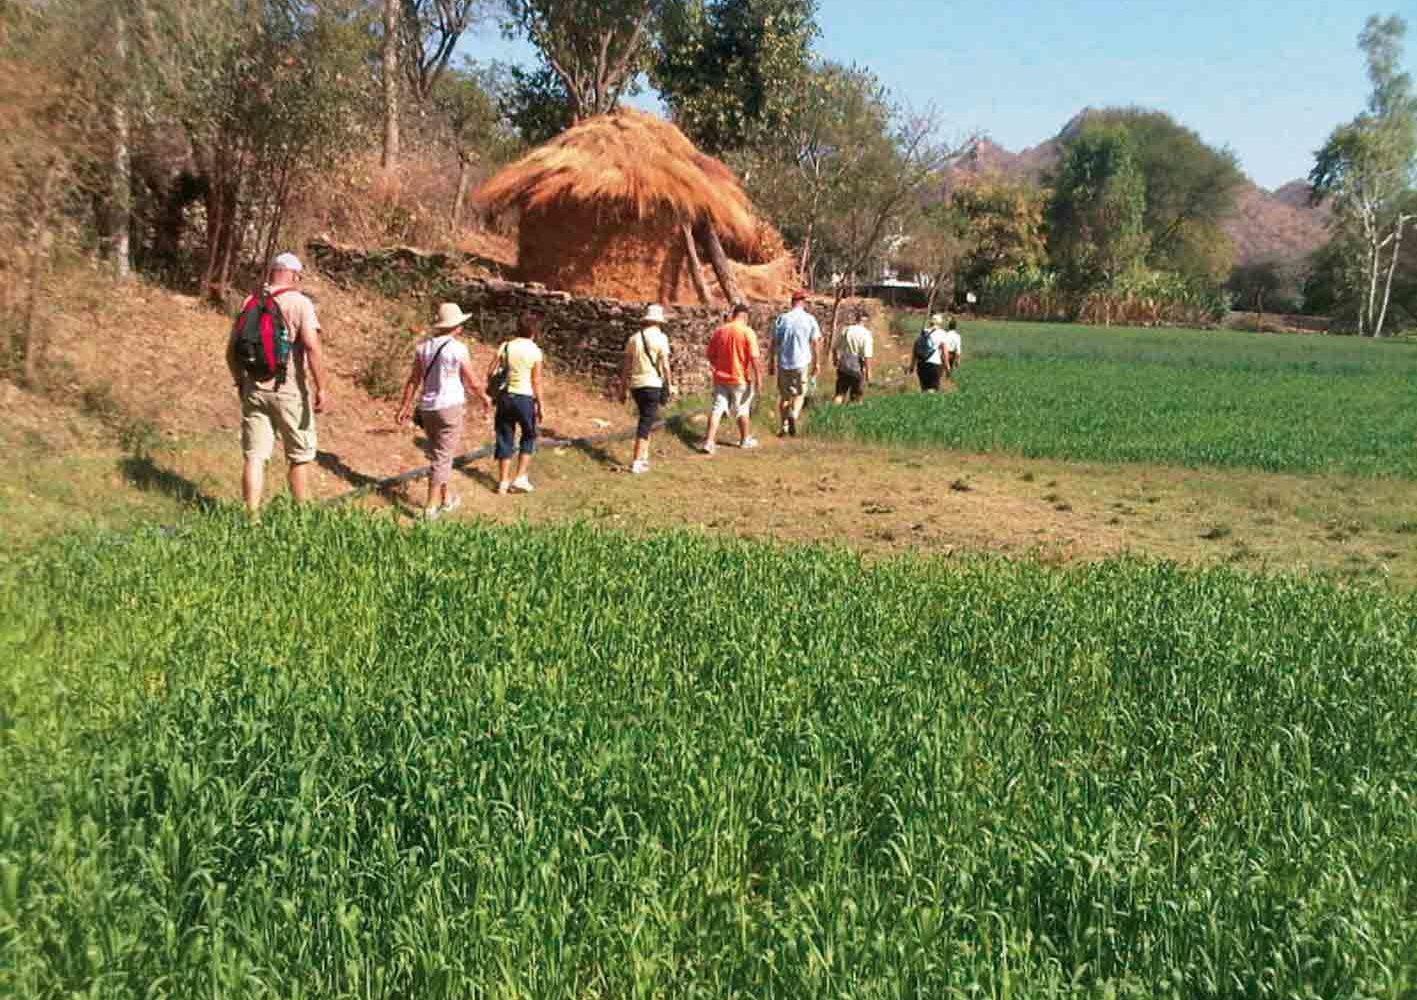 Auf dieser Indien-Rajasthan-Reise sind wir auch zu Fuss unterwegs.